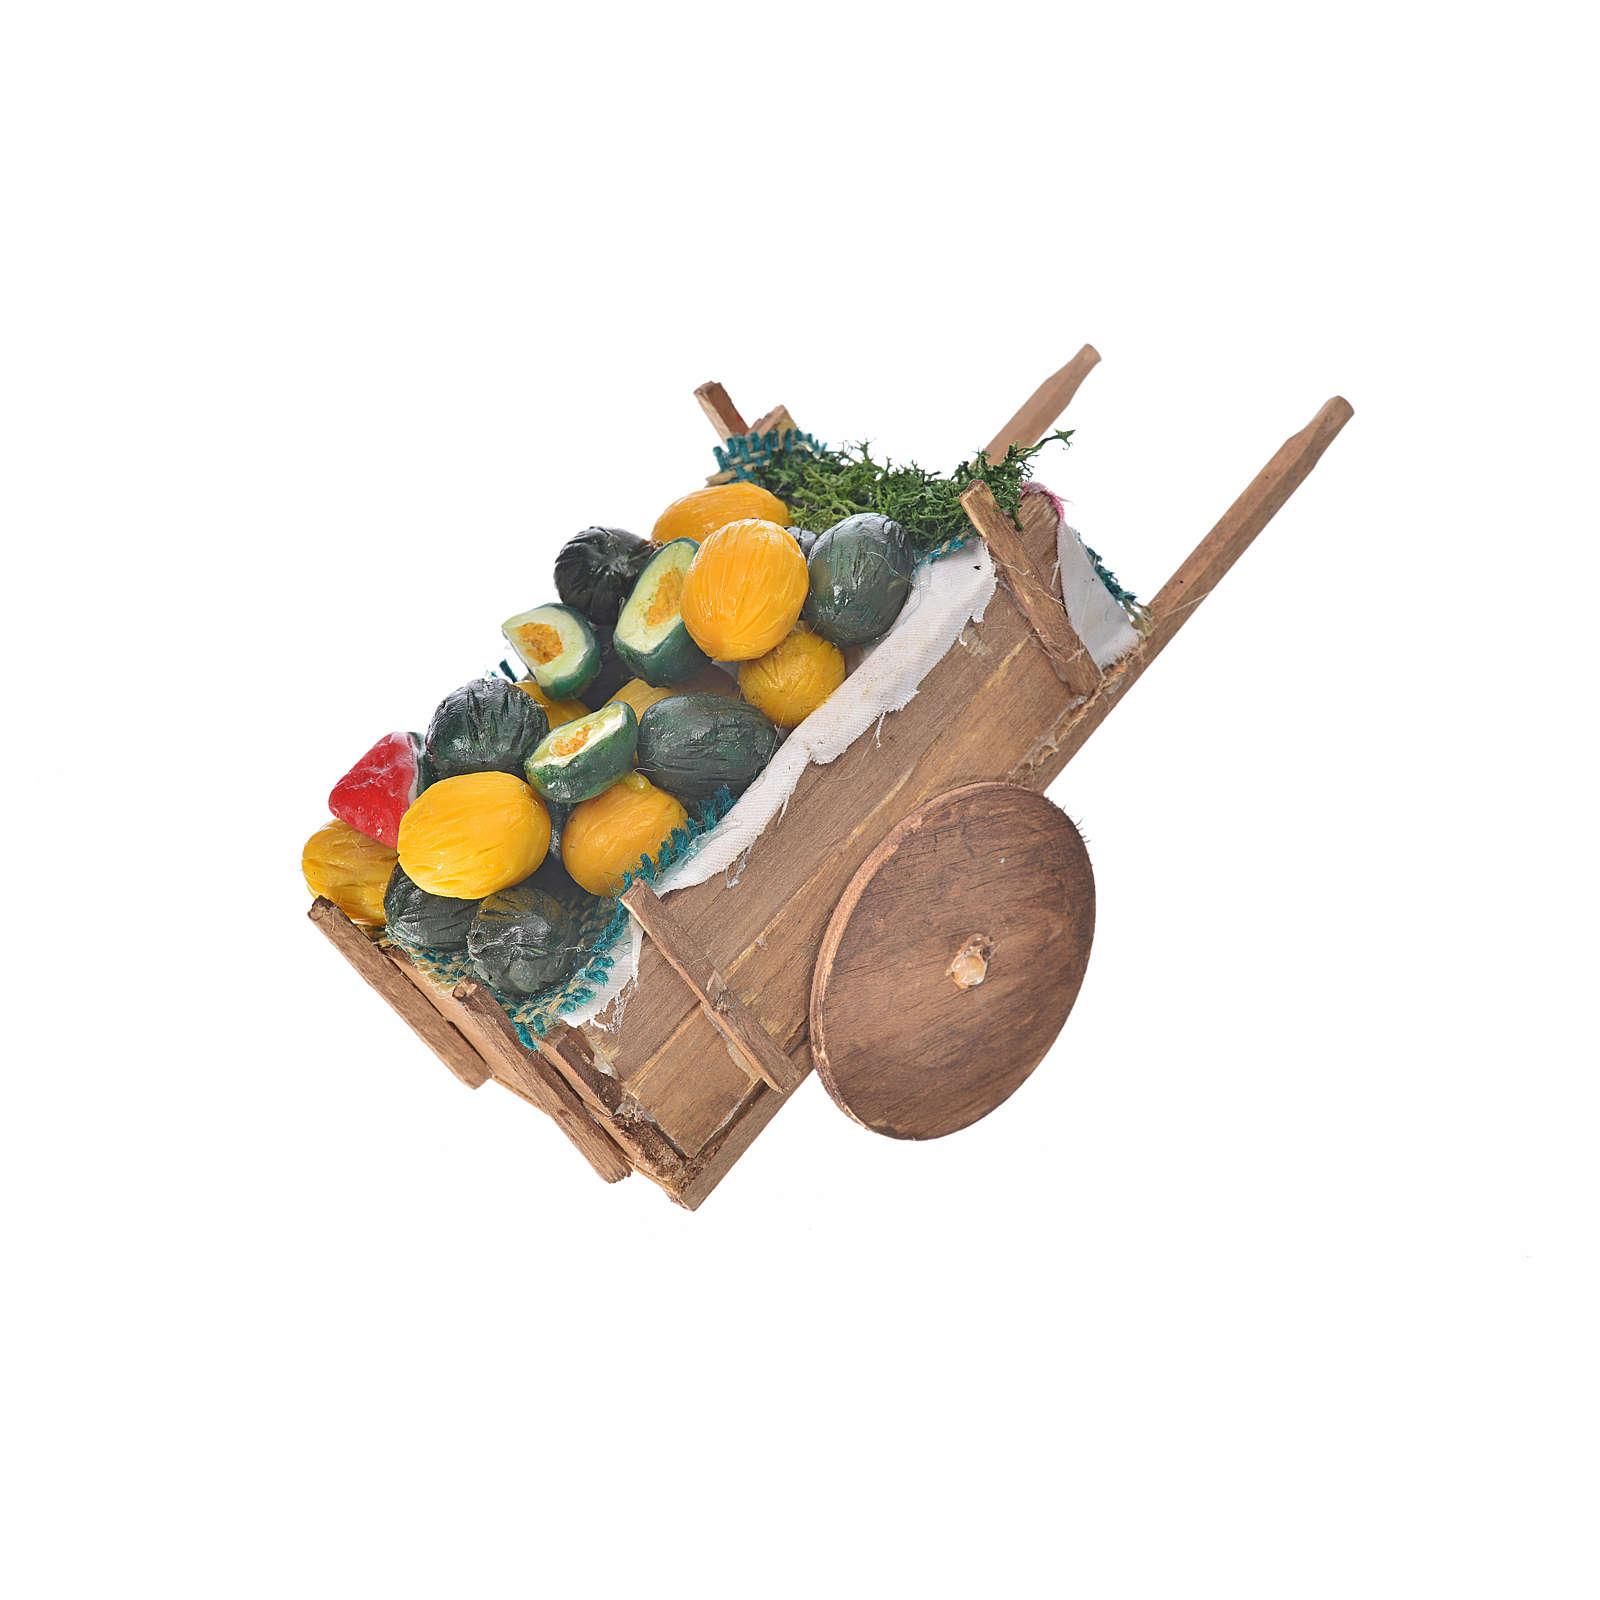 Carro napoletano angurie meloni in cera 10x18,5x7 cm 4